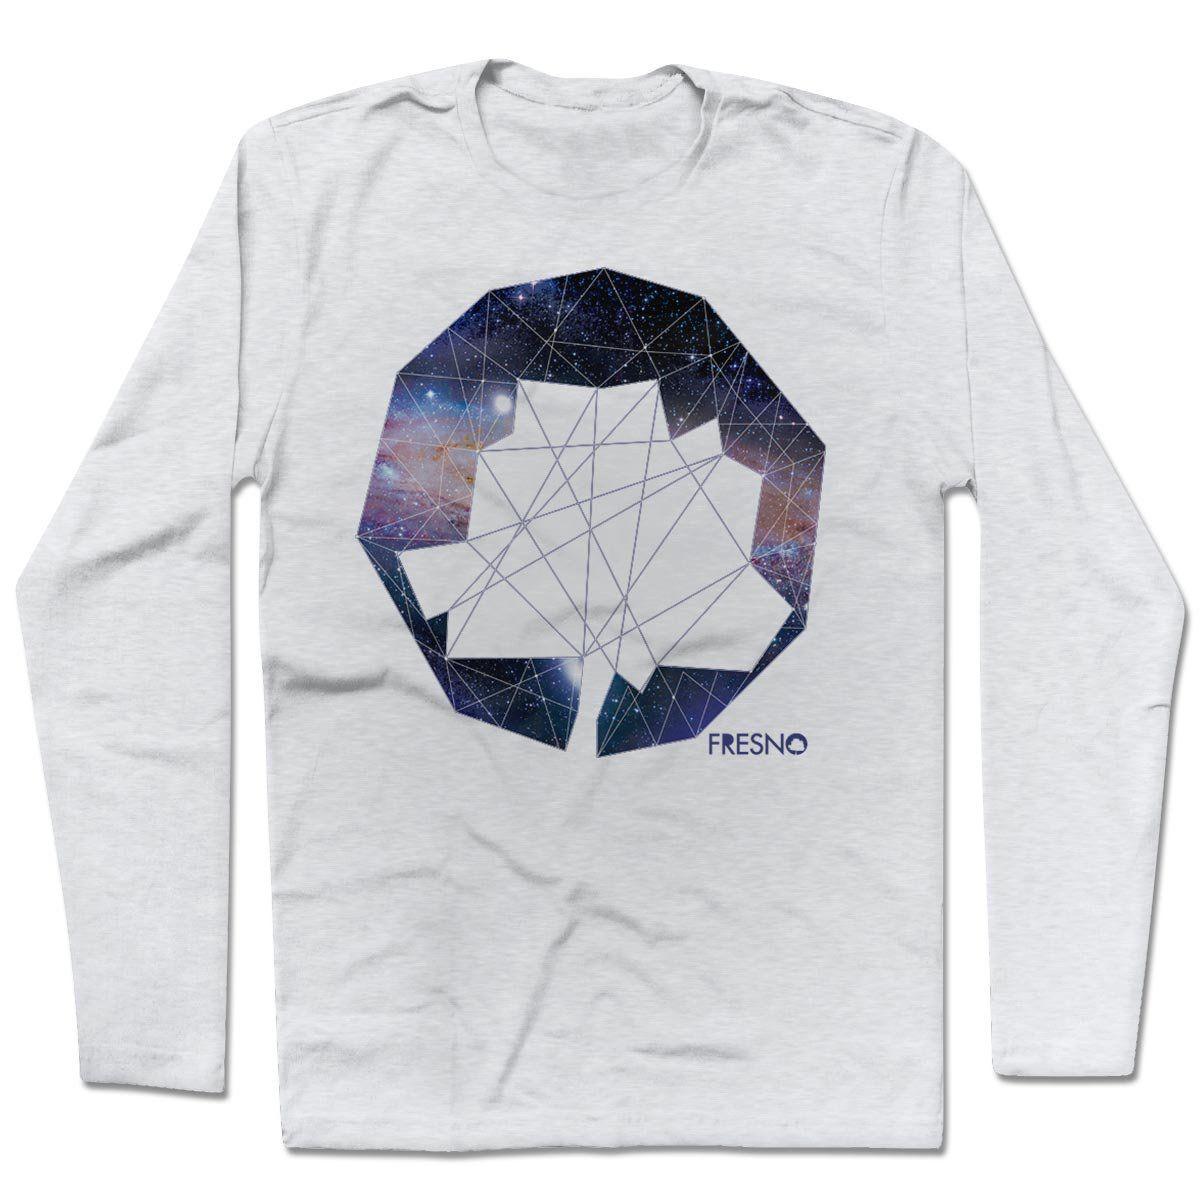 Camiseta Manga Longa Fresno - Logo Galáxias